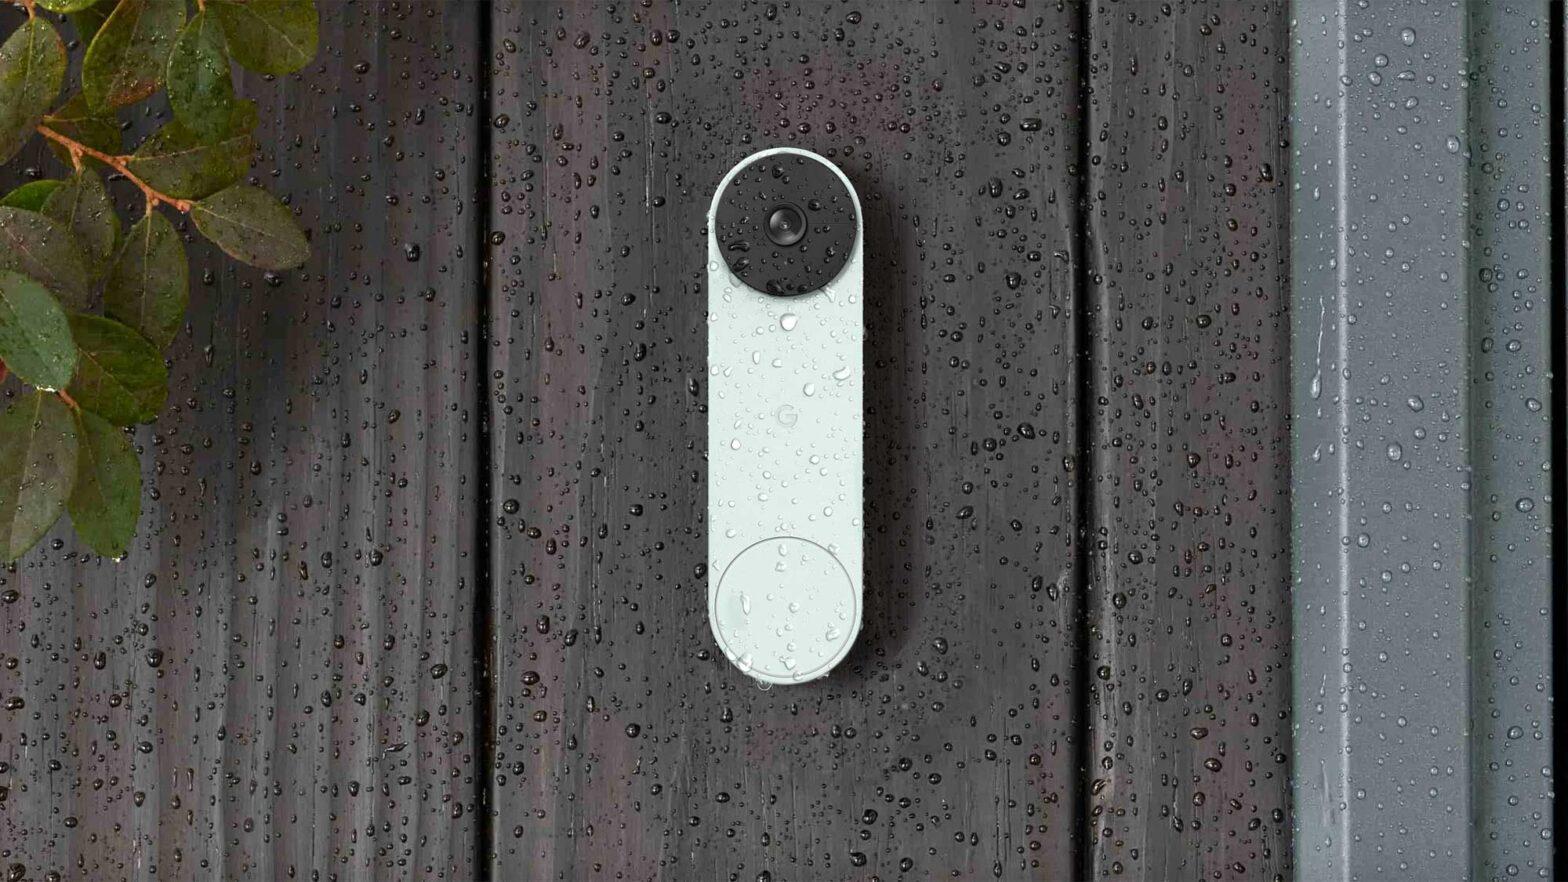 Google Battery-powered Nest Video Doorbell